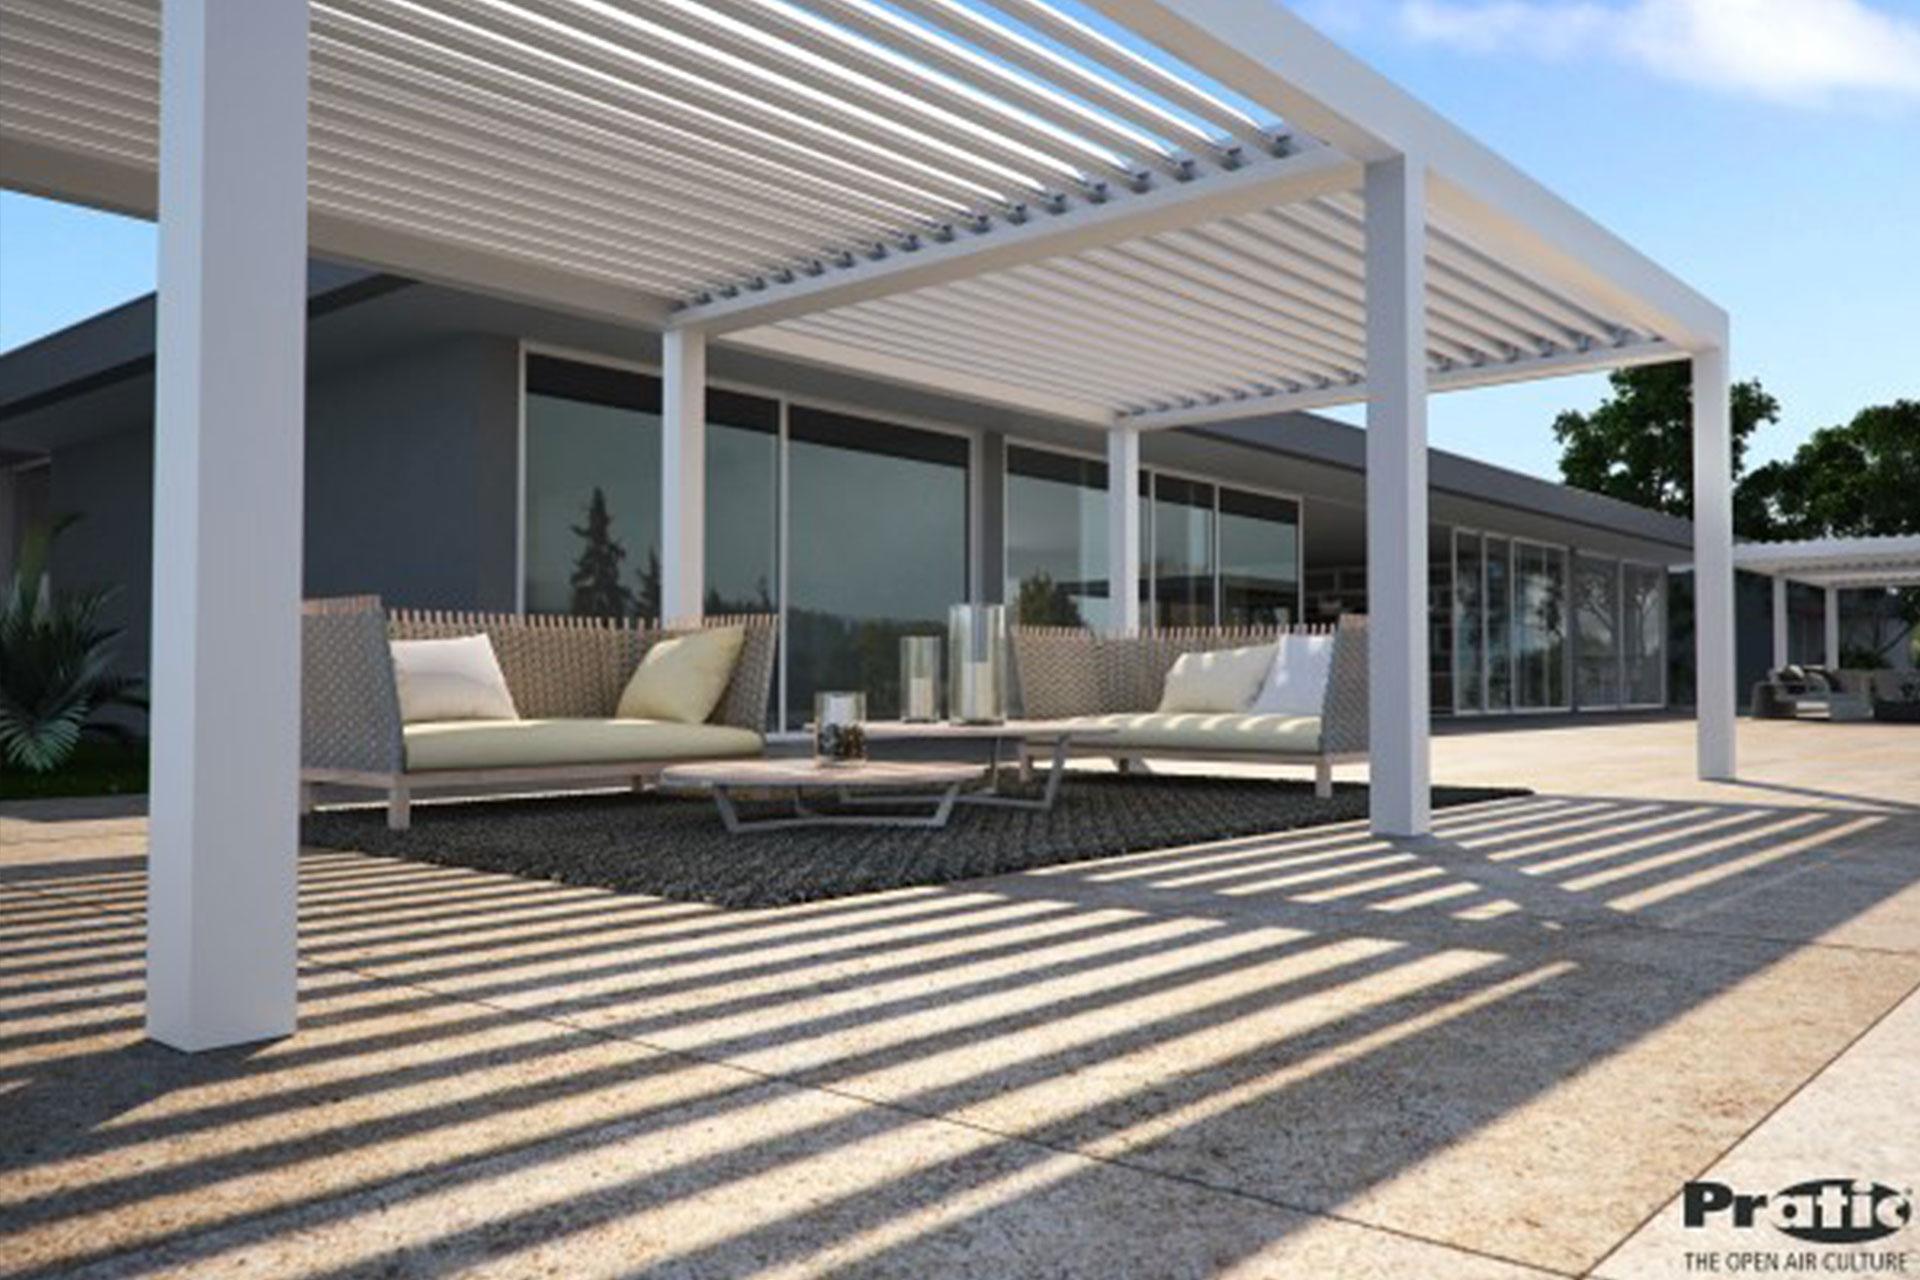 pergola bioclimatiche albo serramenti alluminio giardino udine